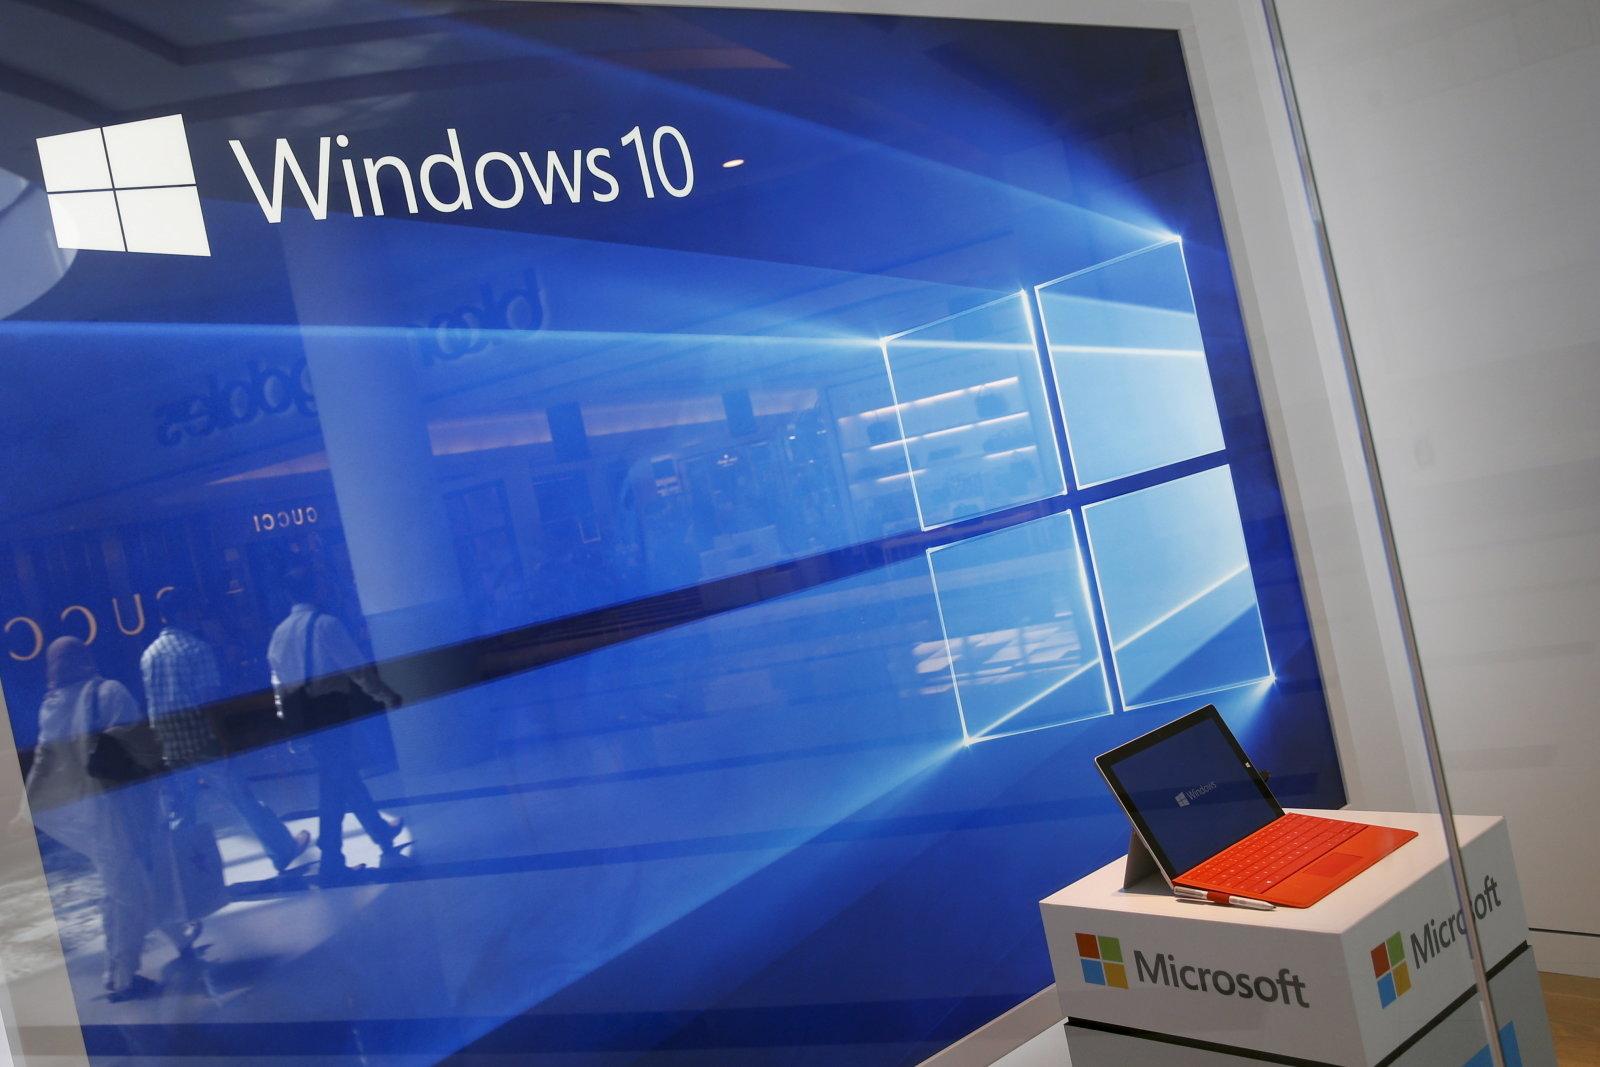 La próxima gran actualización de Windows 10 llegará el 17 de octubre